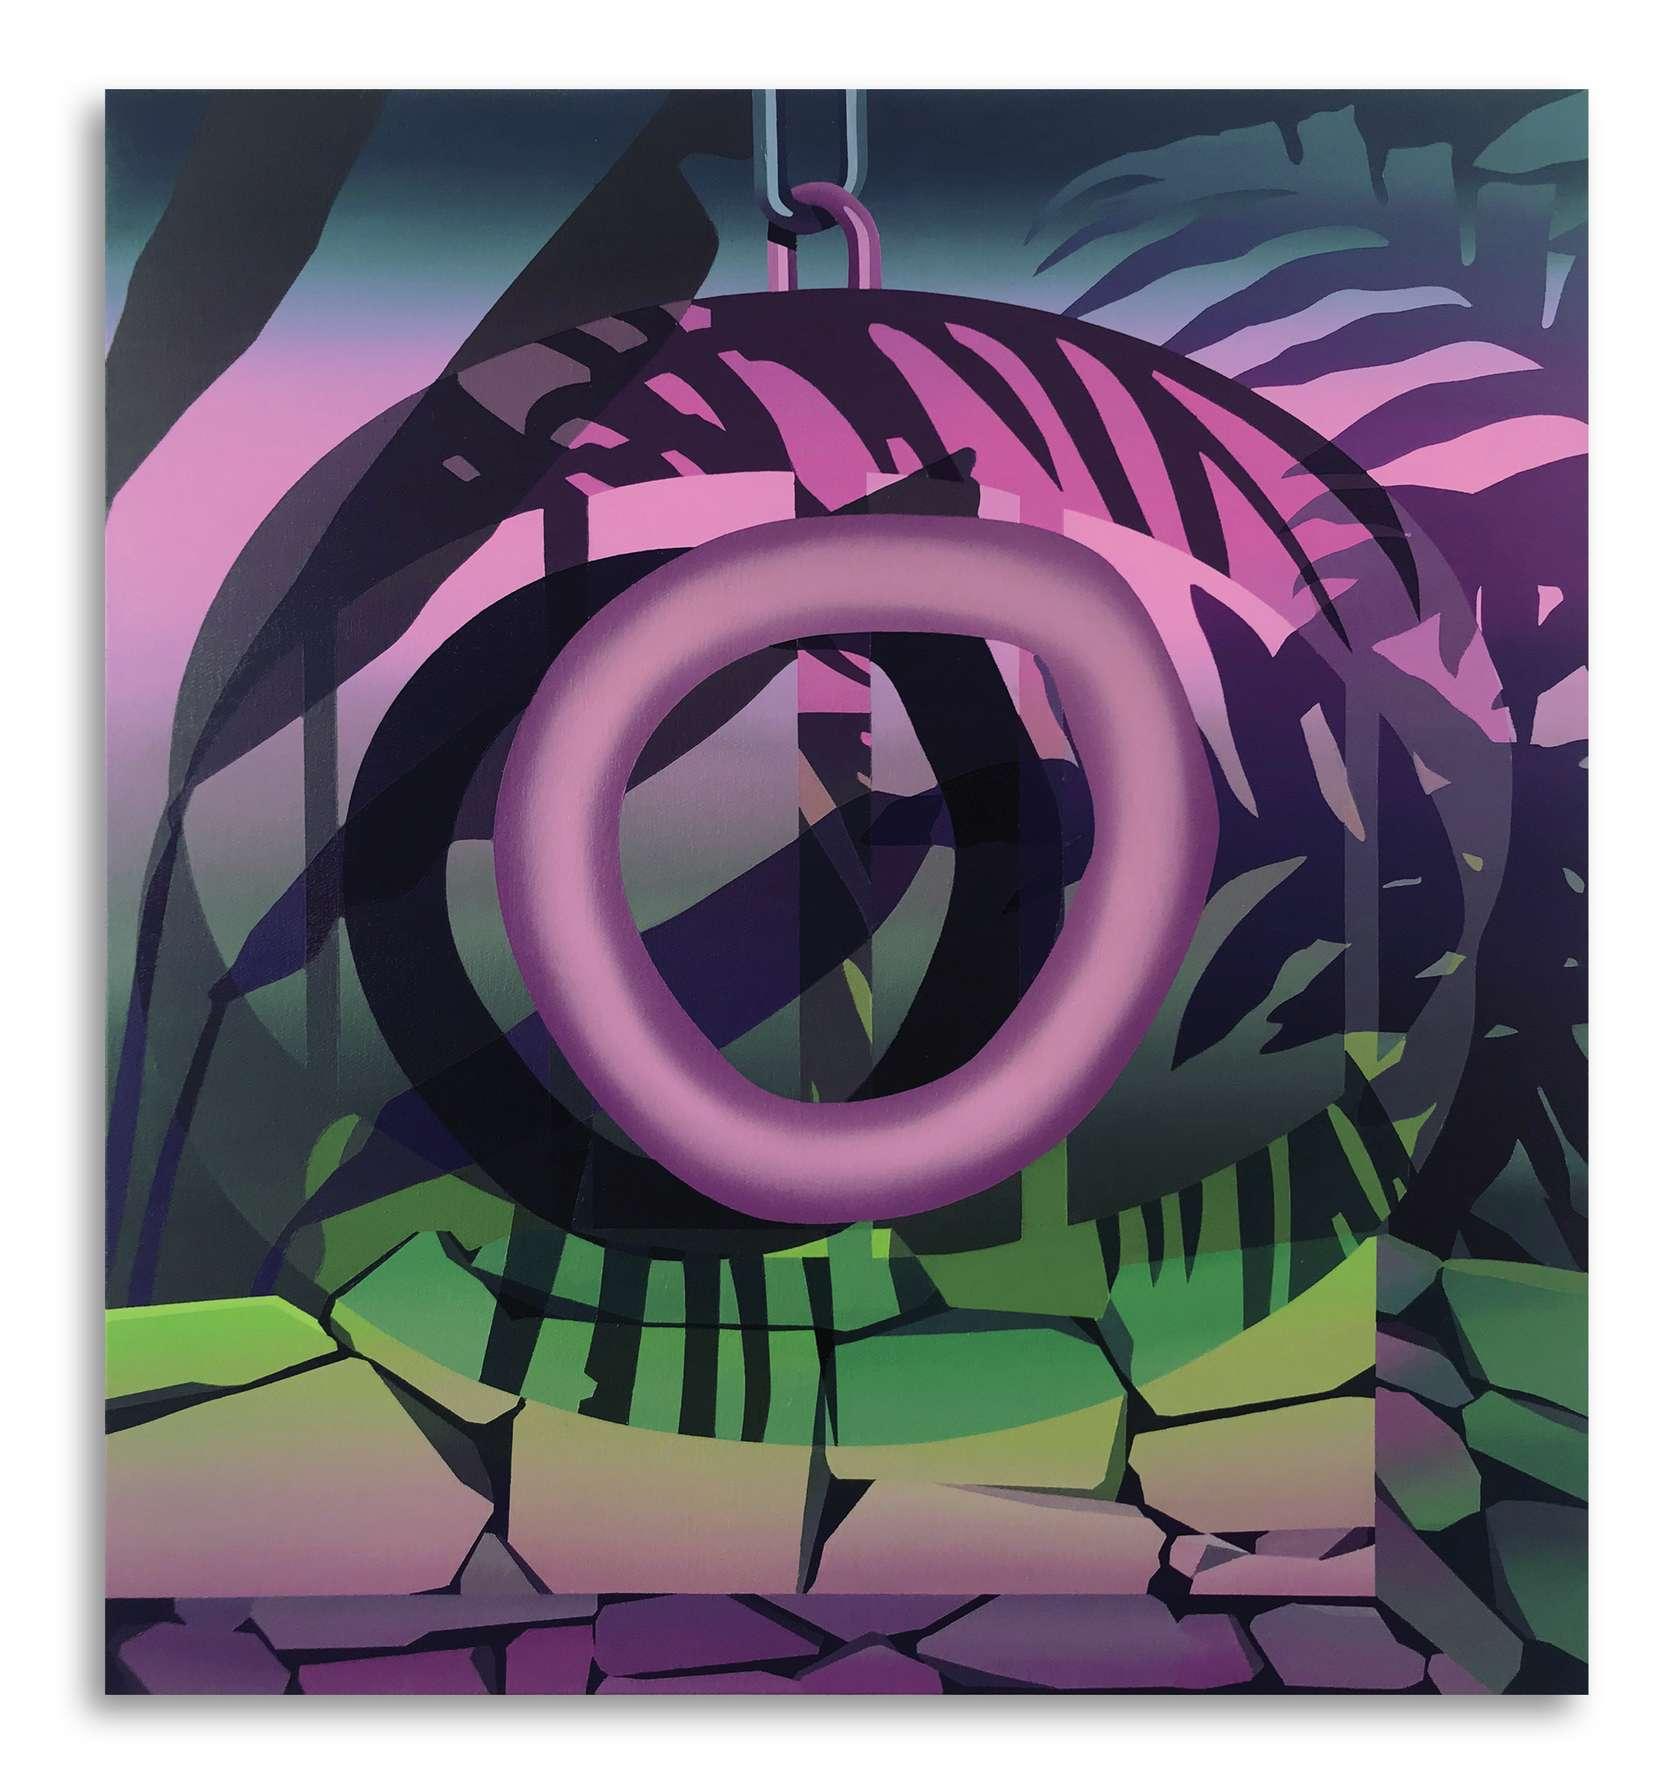 Amélie Bertrand, The Watcher I, 2019 Huile sur toile65 x 60 cm / 25 5/8 x 23 5/8 inches